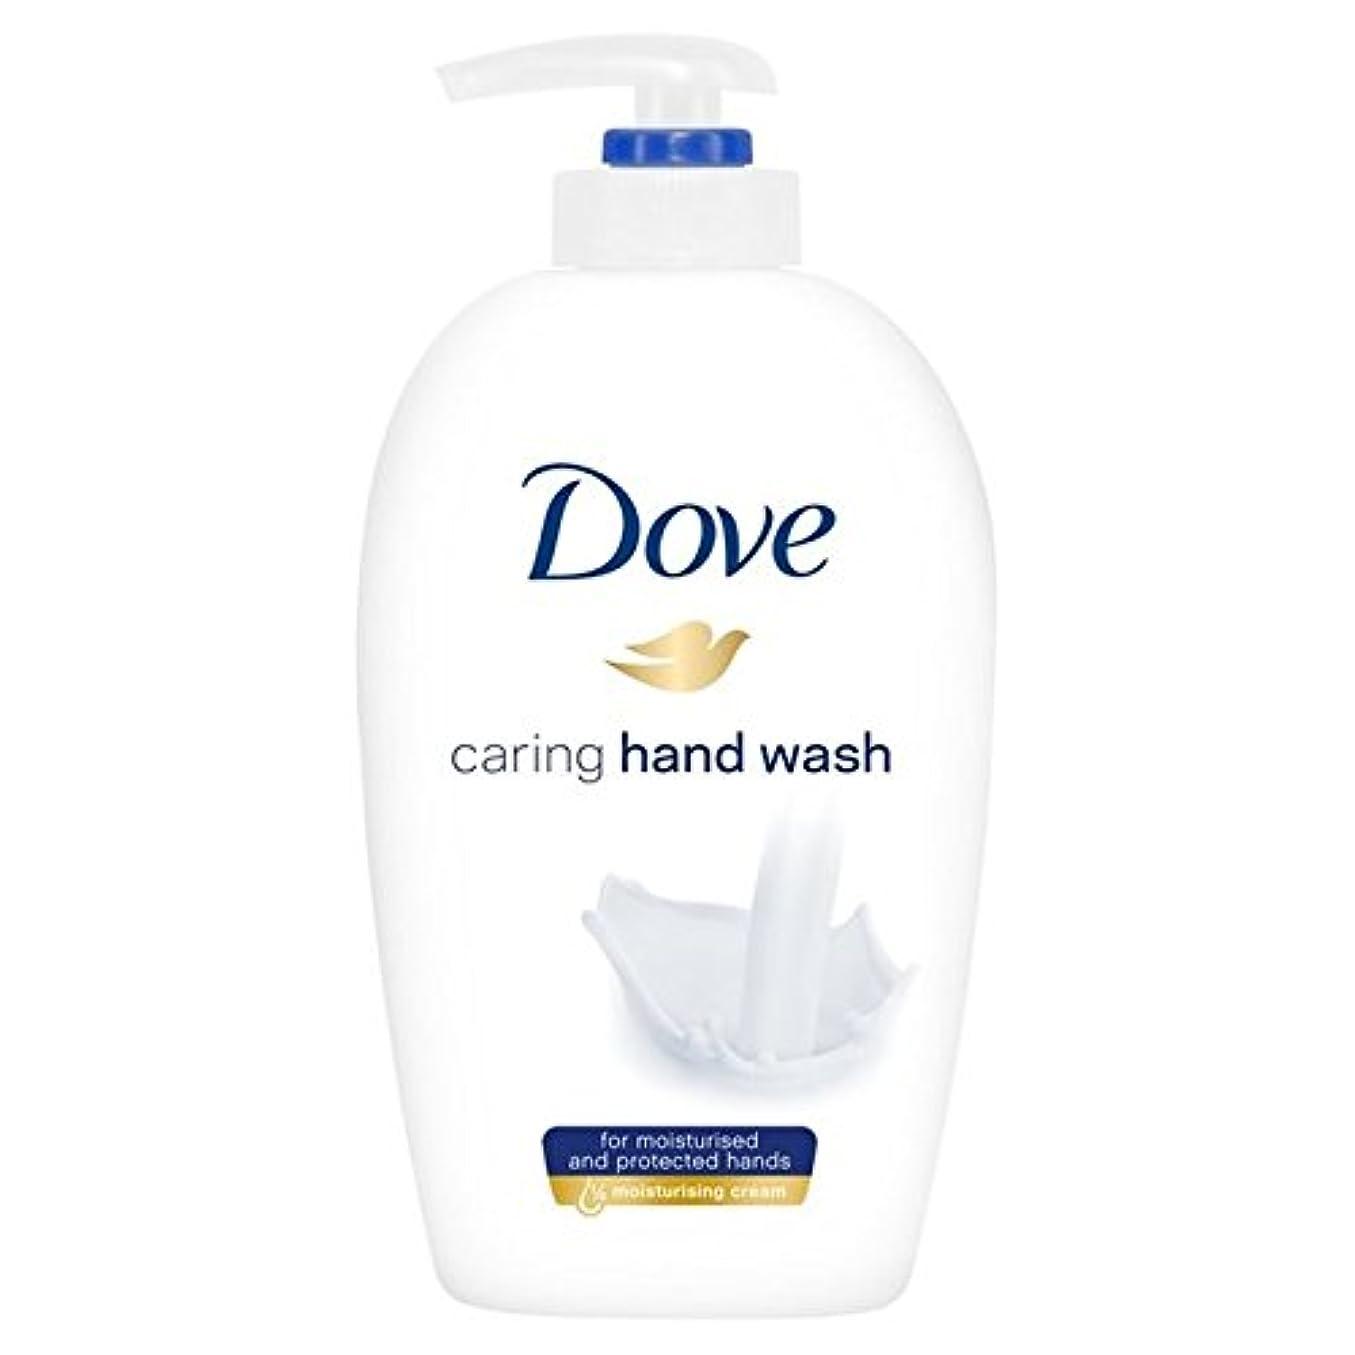 イーウェル雑多な不道徳Dove Caring Hand Wash 250ml (Pack of 6) - 鳩思いやり手洗い250ミリリットル x6 [並行輸入品]